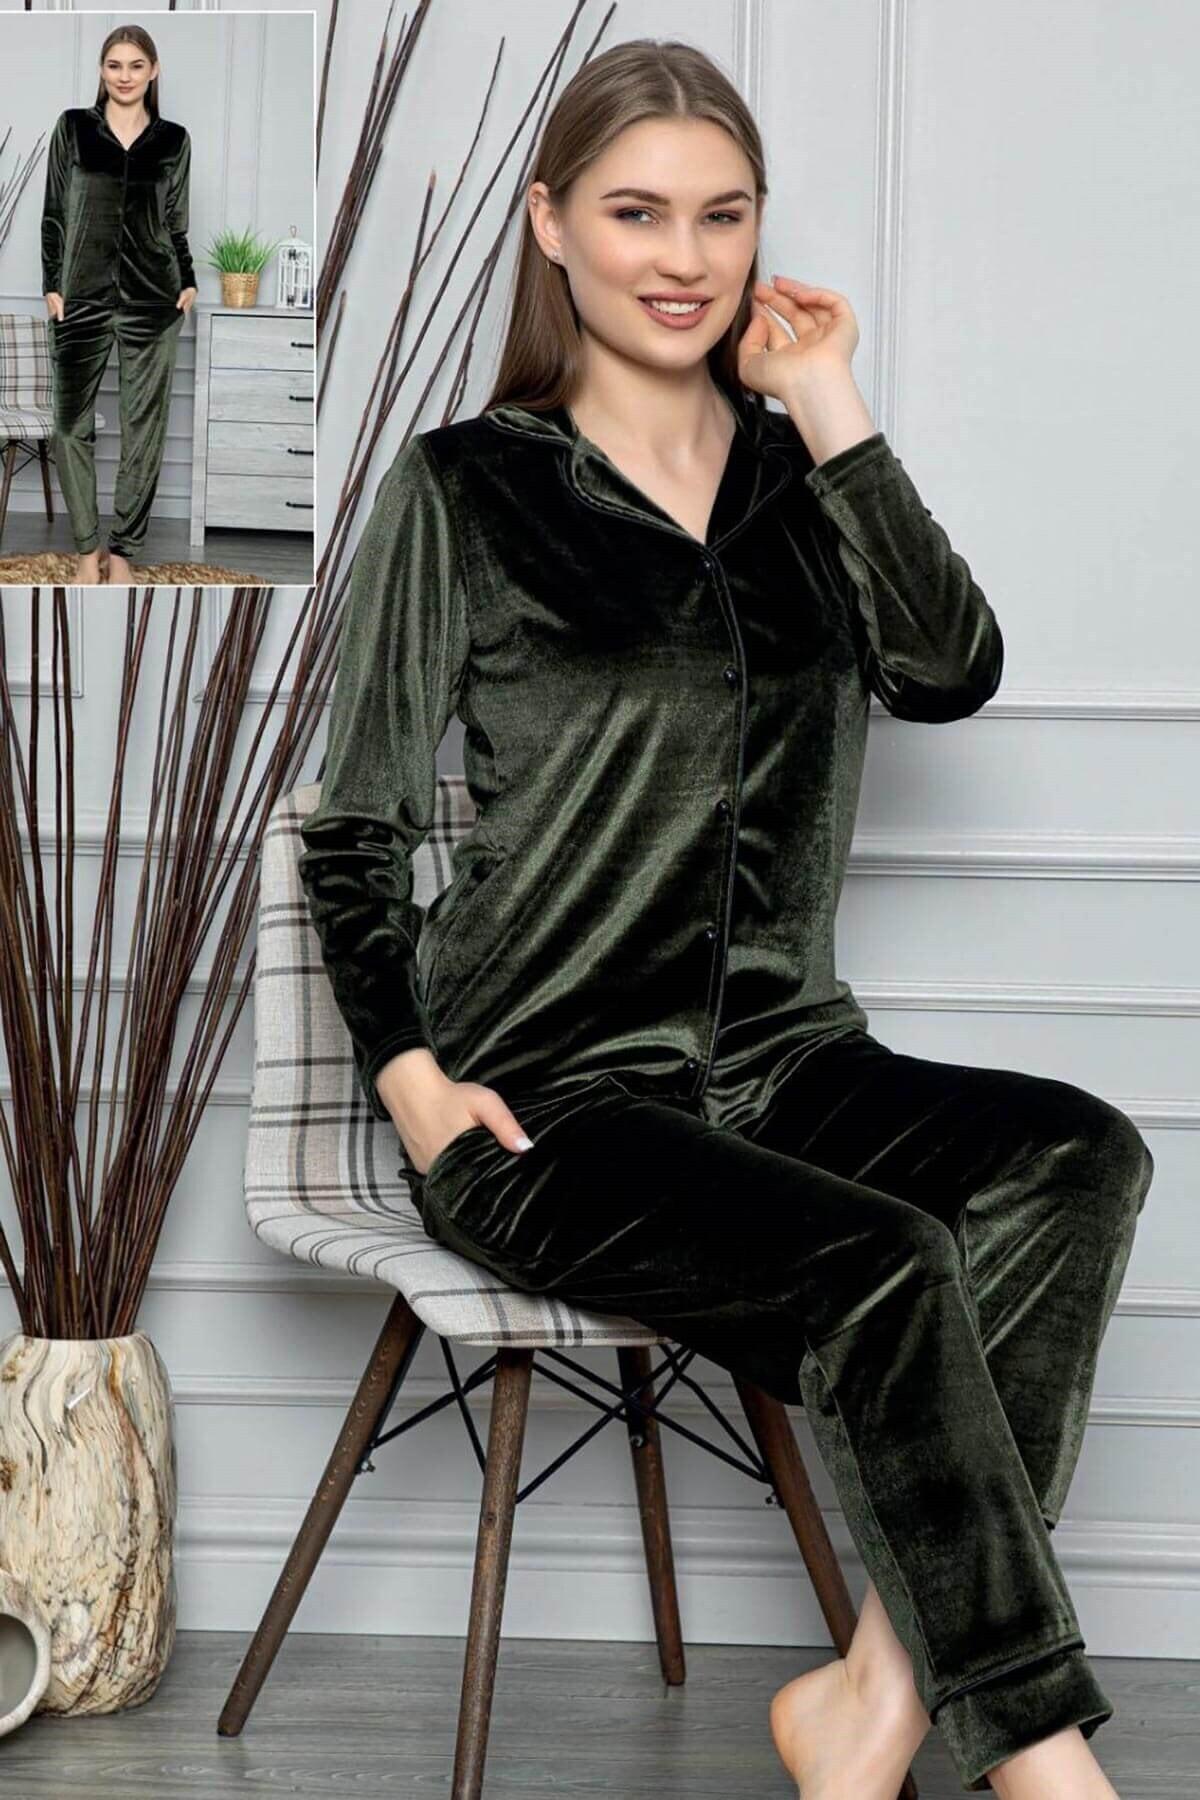 Mossta Kadın Haki Fransız Kadife Düğmeli Pijama Takımı 1